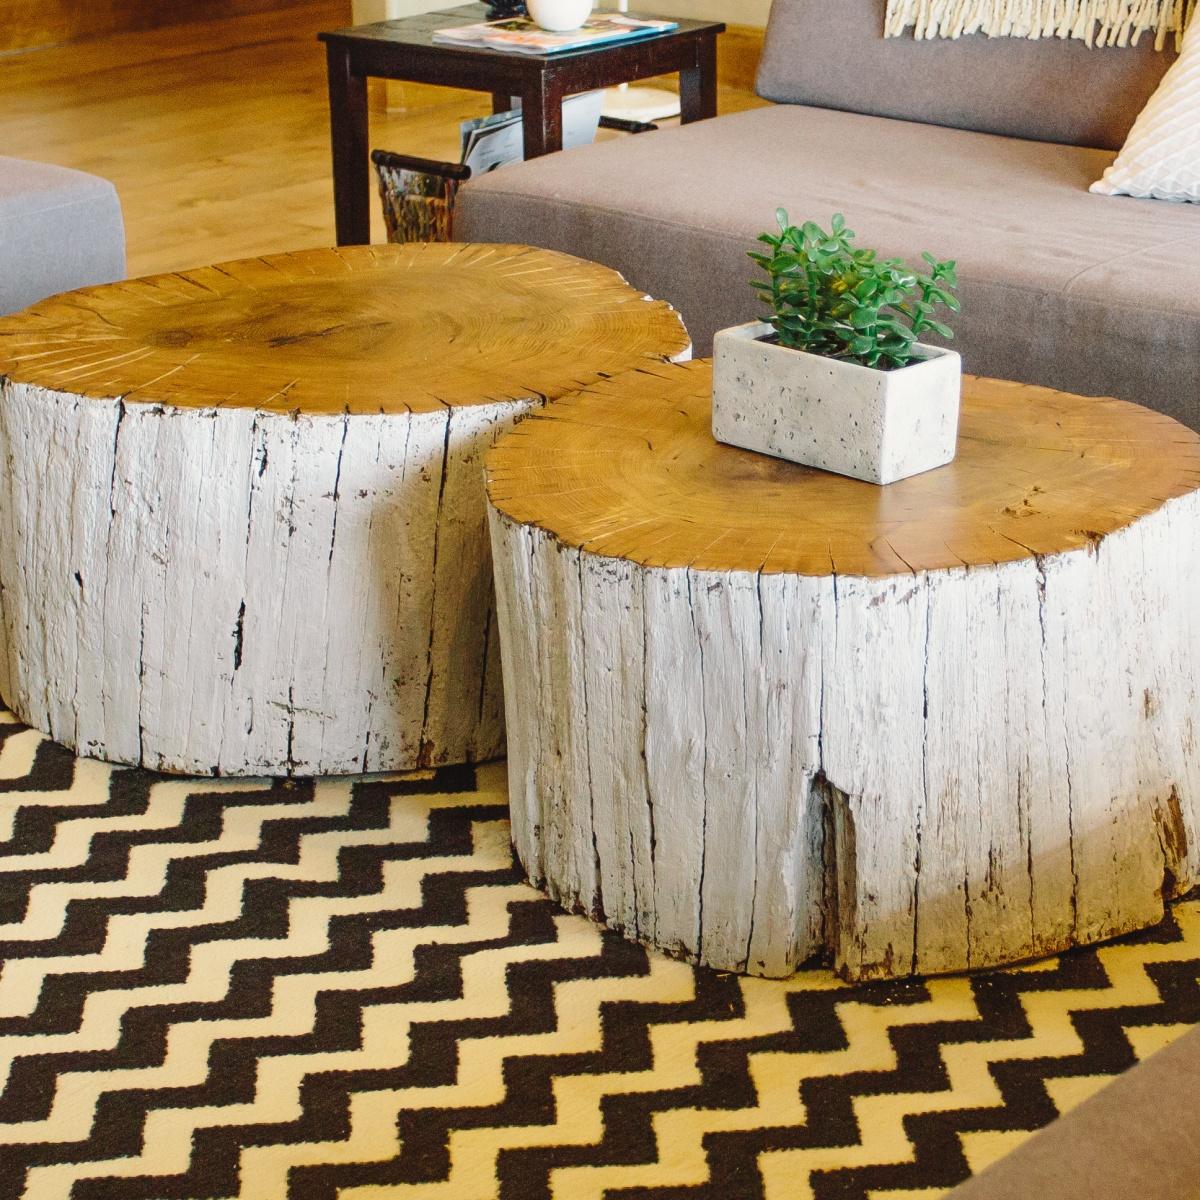 Mese de cafea din trunchiuri de copaci - Stump decorating ideas inspiration from nature ...